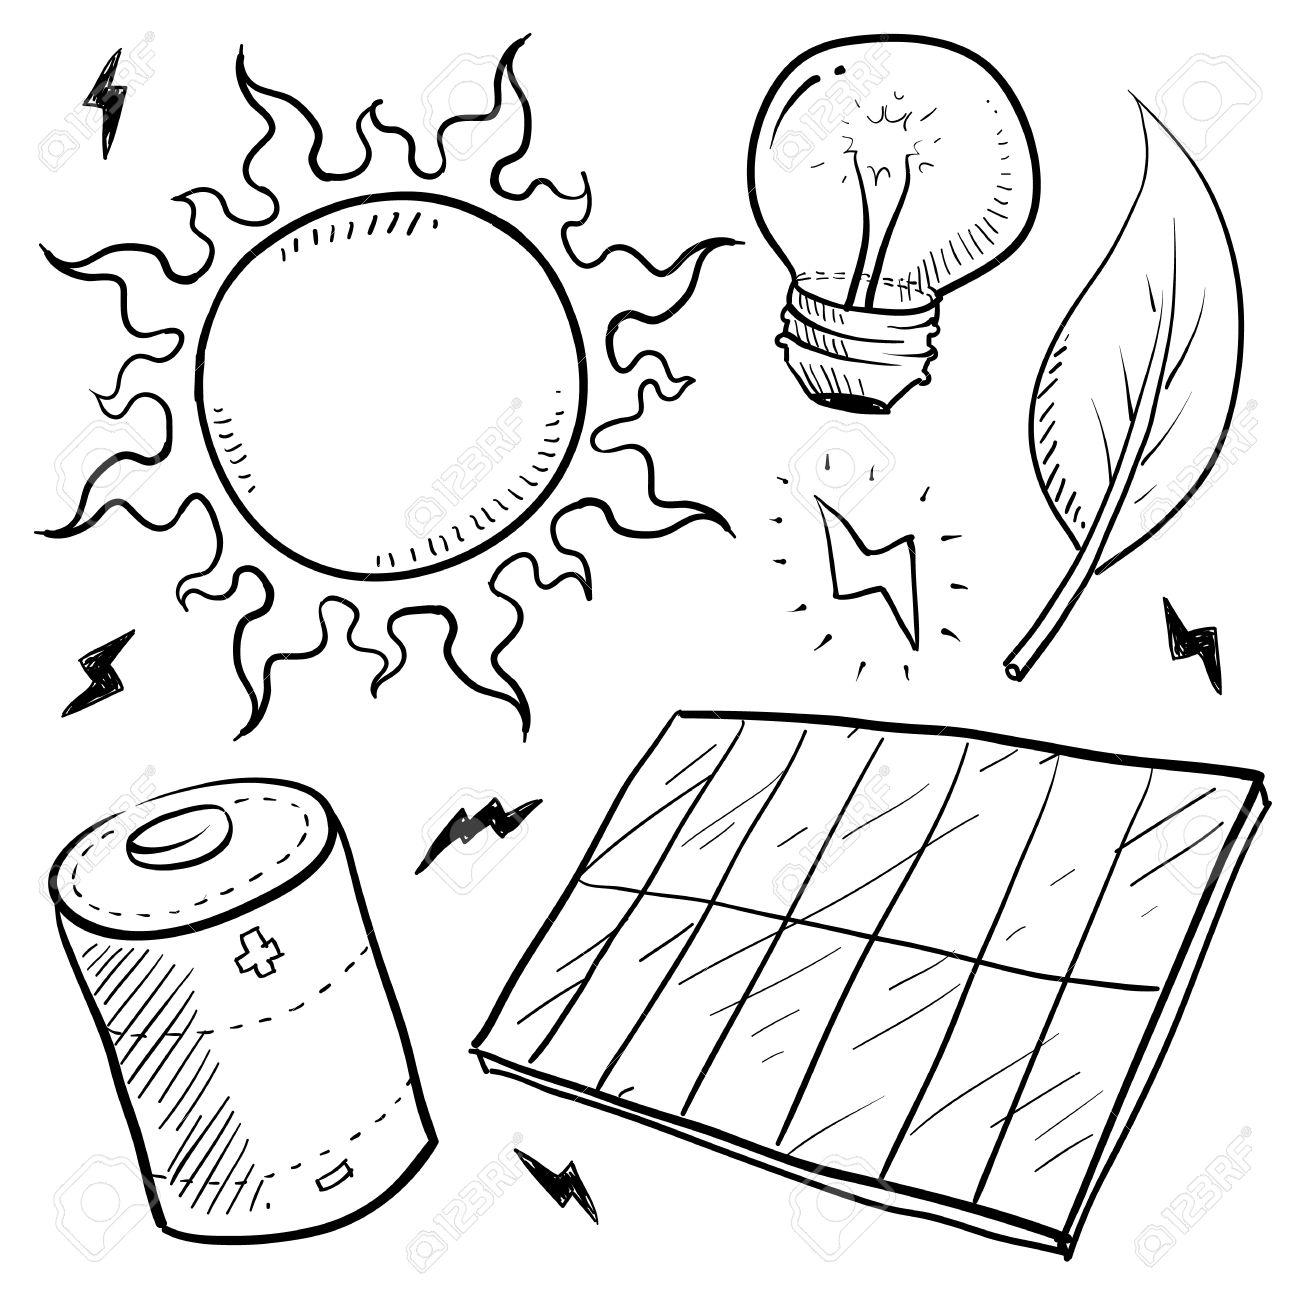 1299x1300 Doodle Style Renewable Solar Energy Equipment Sketch In Vector